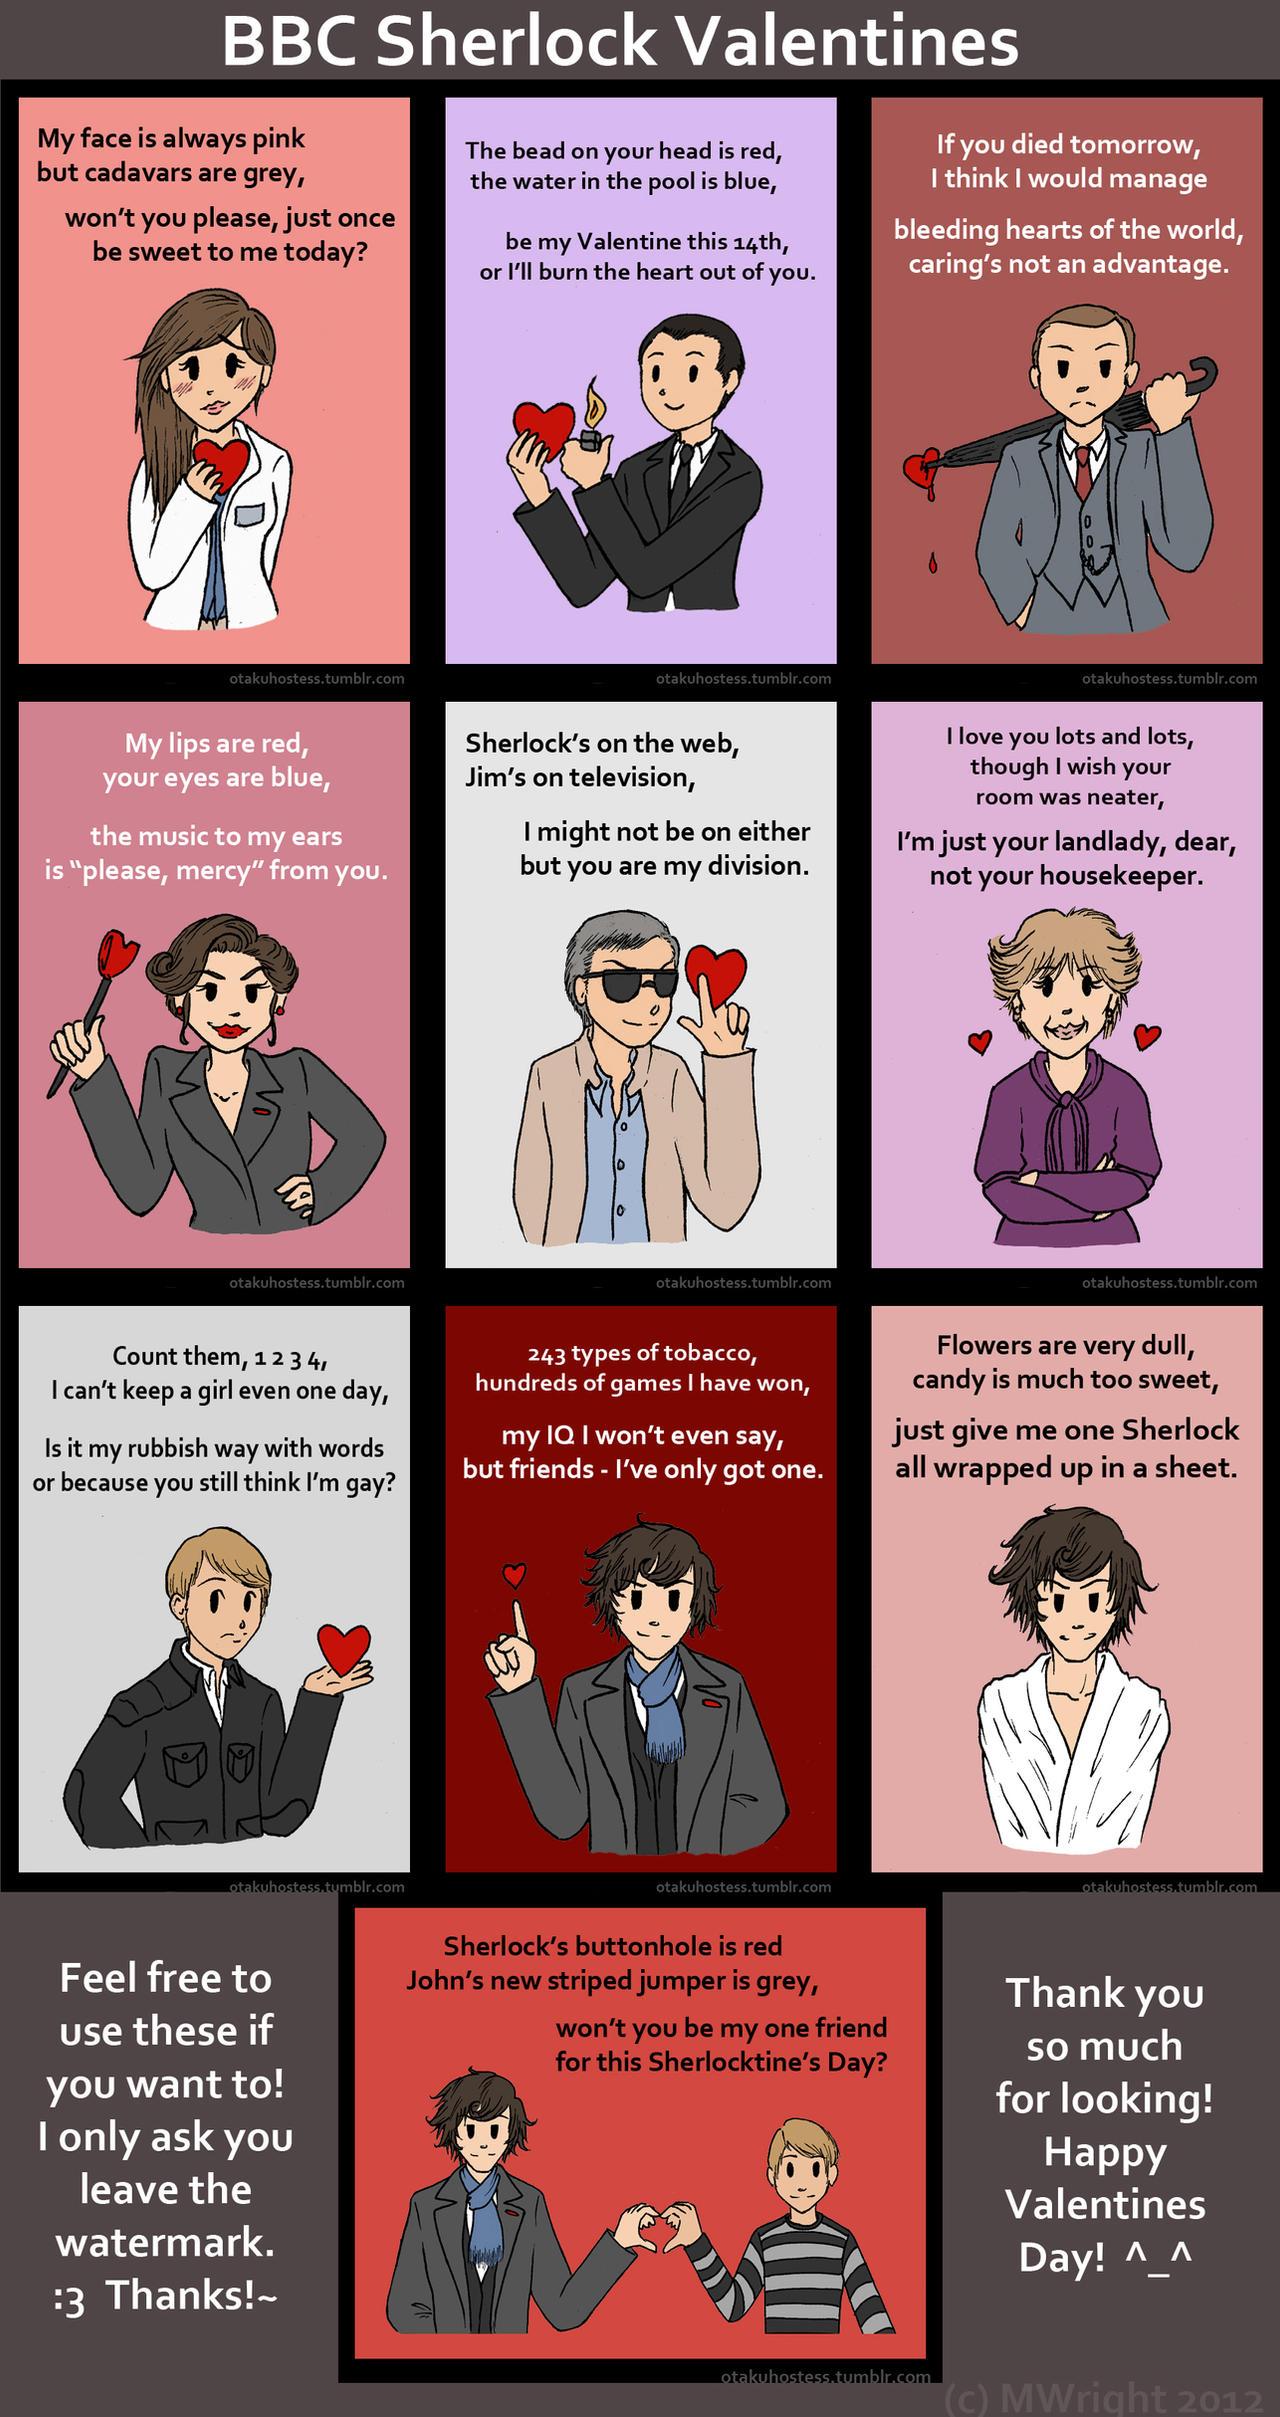 BBC Sherlock Valentines by munworks